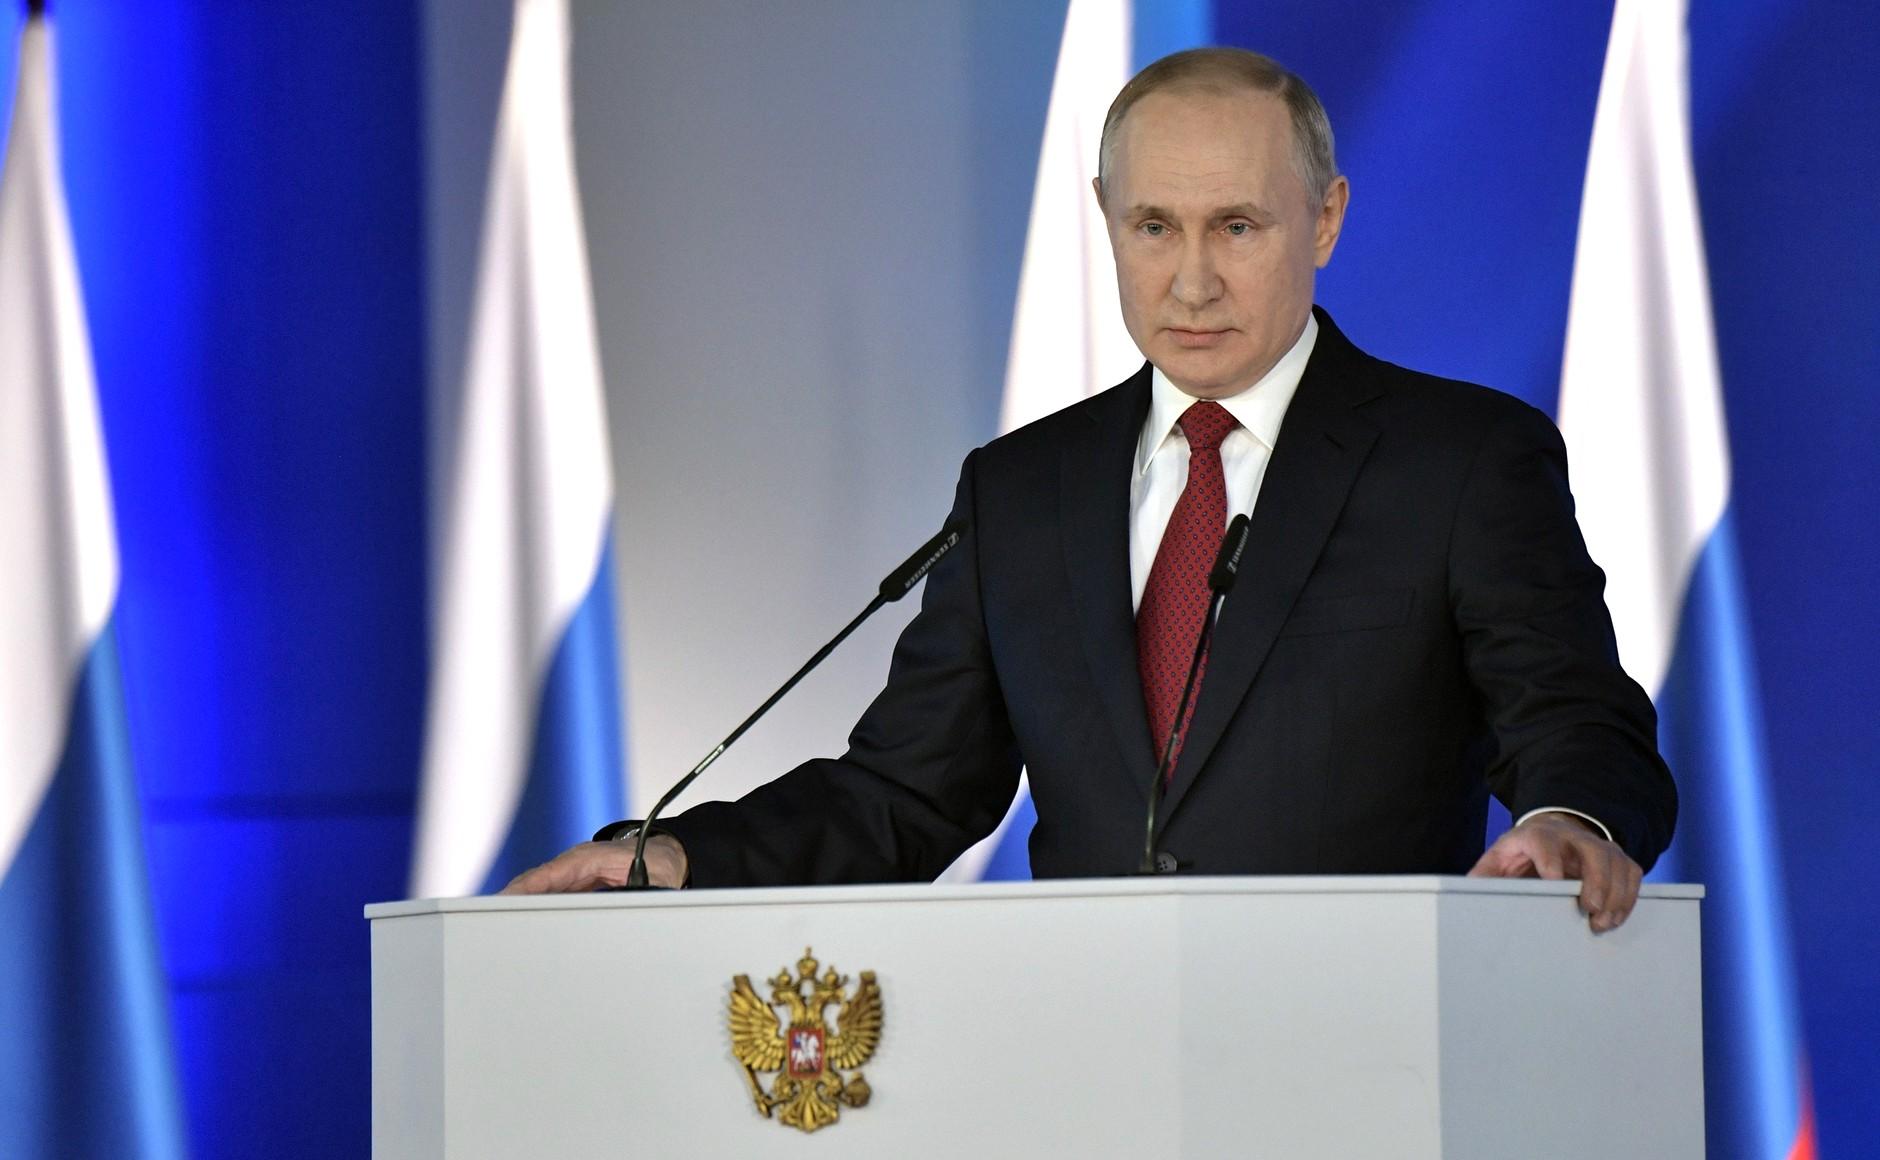 Президент России Владимир Путин подписал закон, разработанный Минкомсвязью России о сокращении срока выдачи разрешений на использование радиочастот